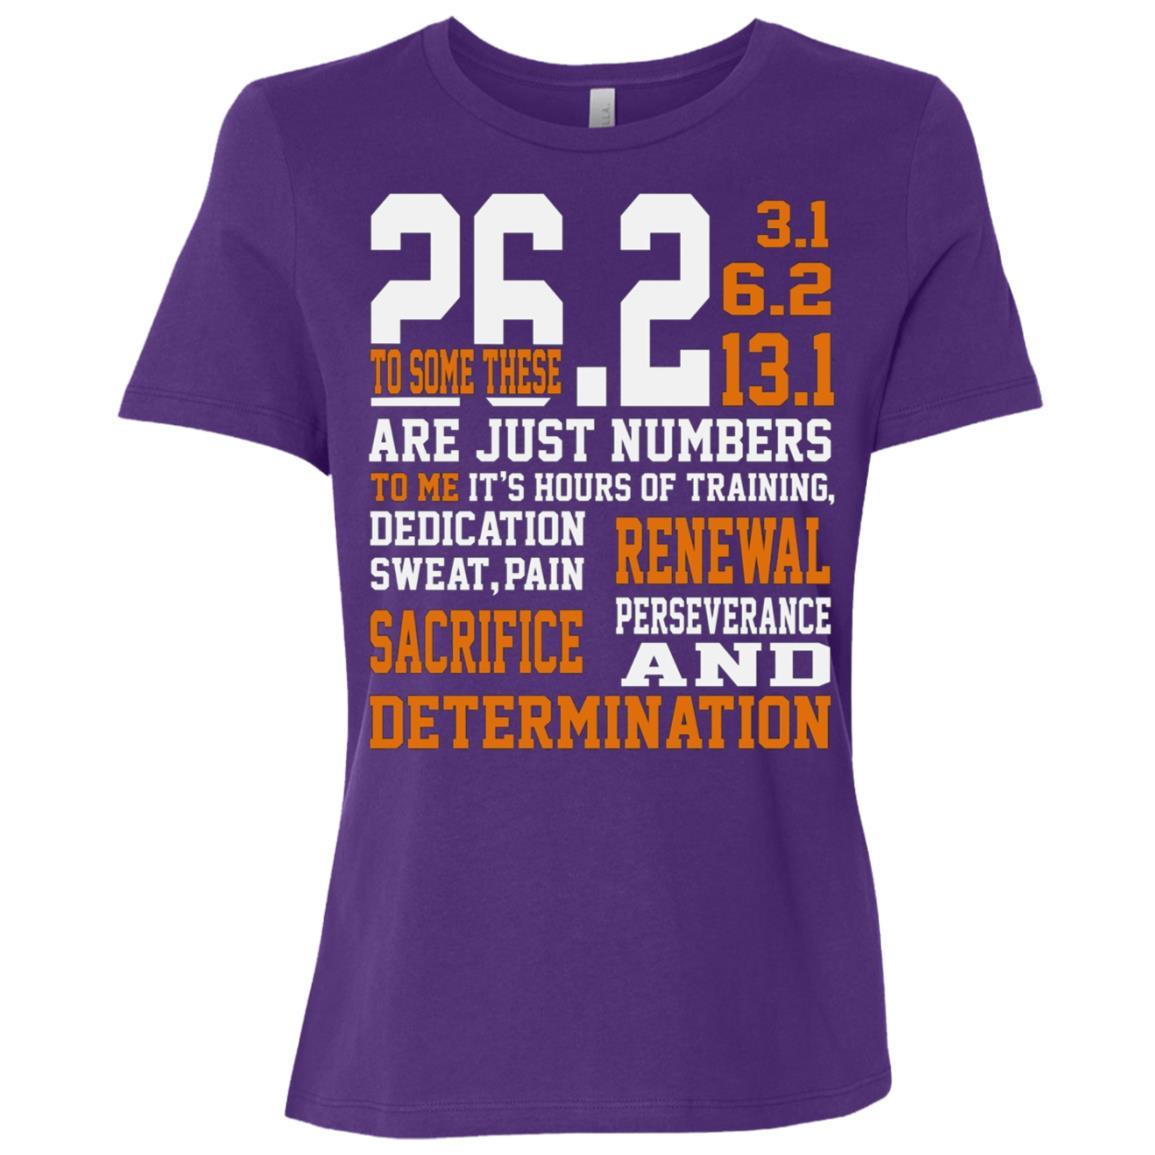 Determination Running 26.2 Women Short Sleeve T-Shirt